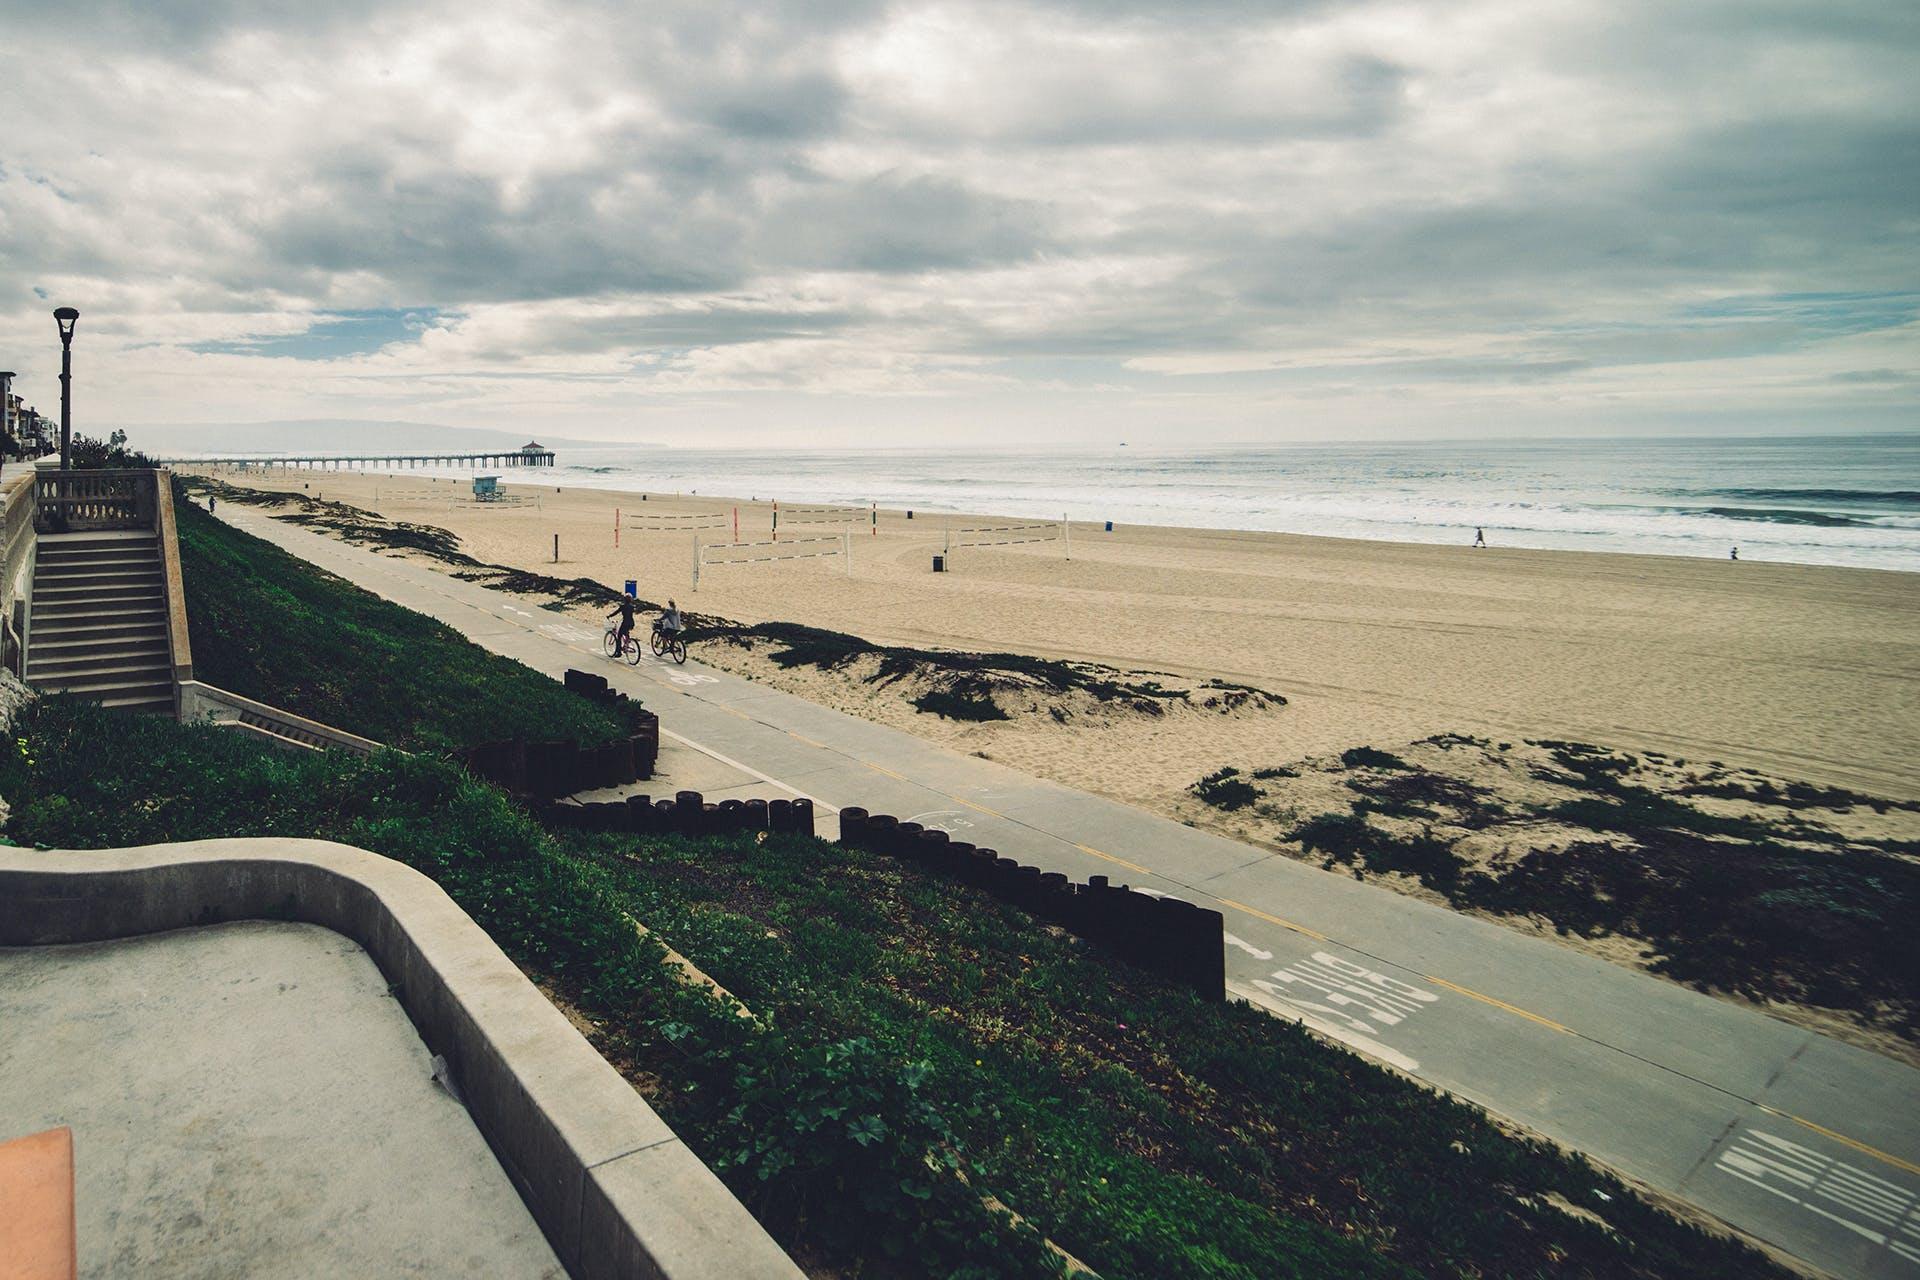 Seashore and Grass Field